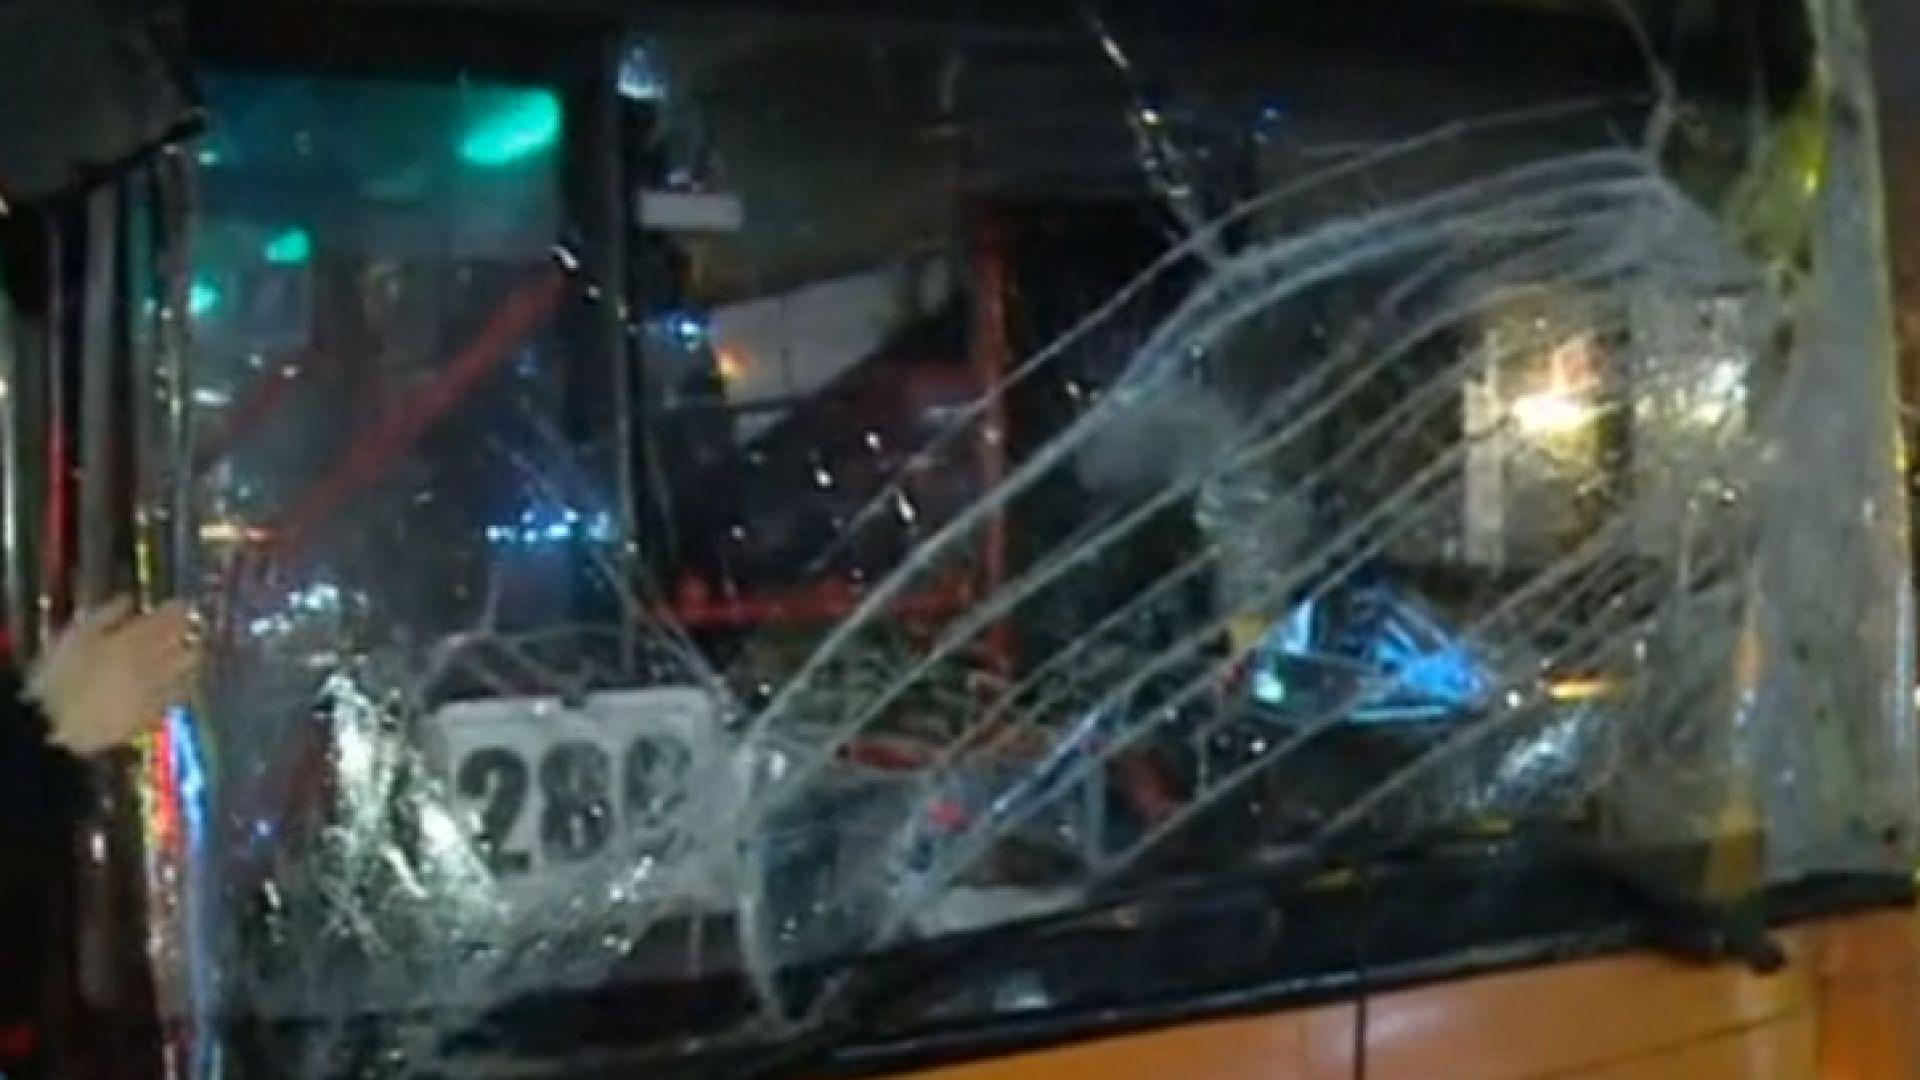 Щети за няколко хиляди лева в автобус 280 след нападението от пътник